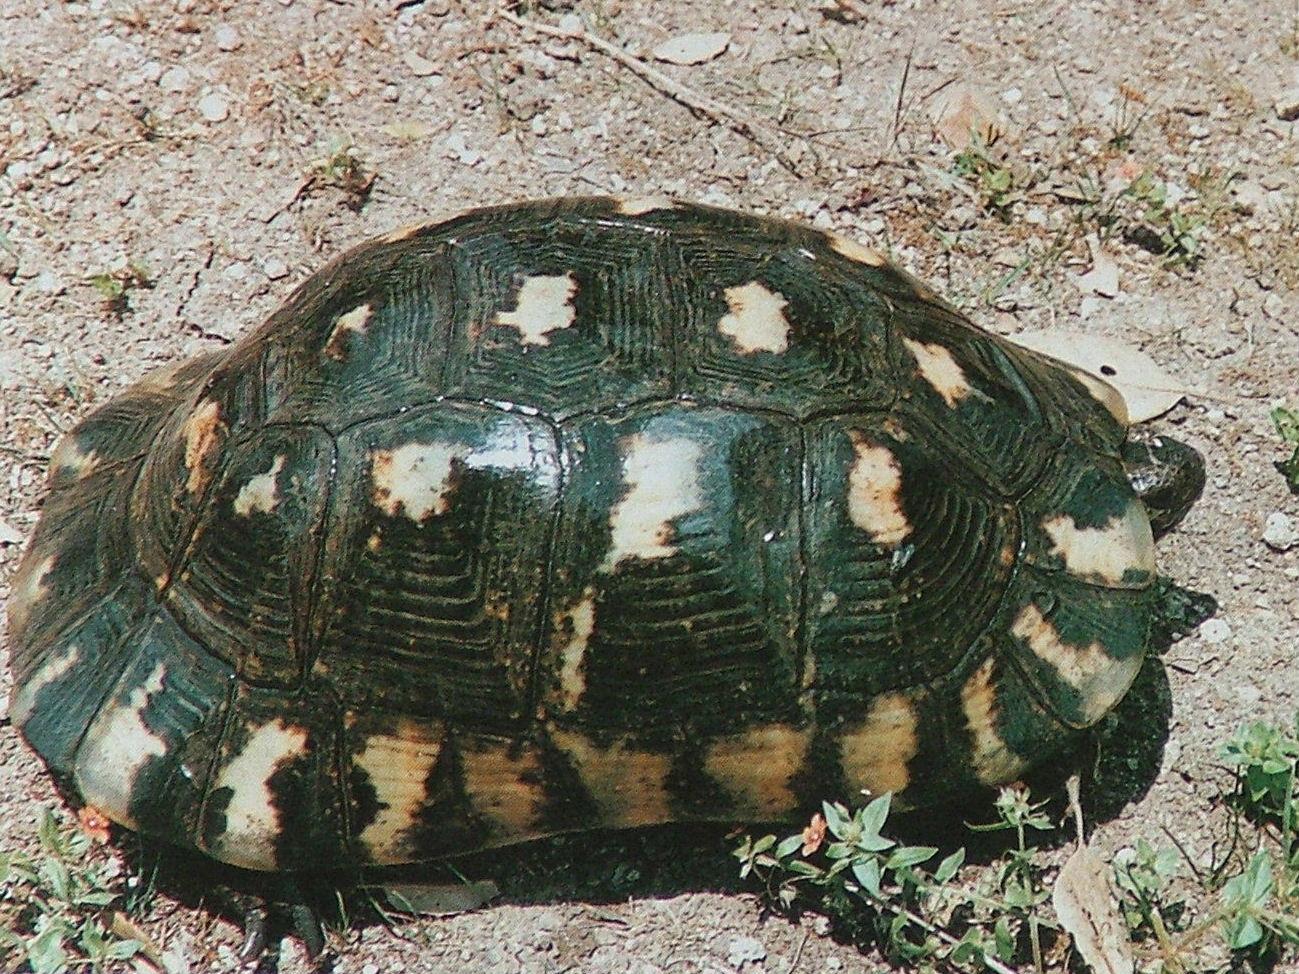 Mondo dei rettili letargo delle tartarughe terrestri for Temperatura tartarughe